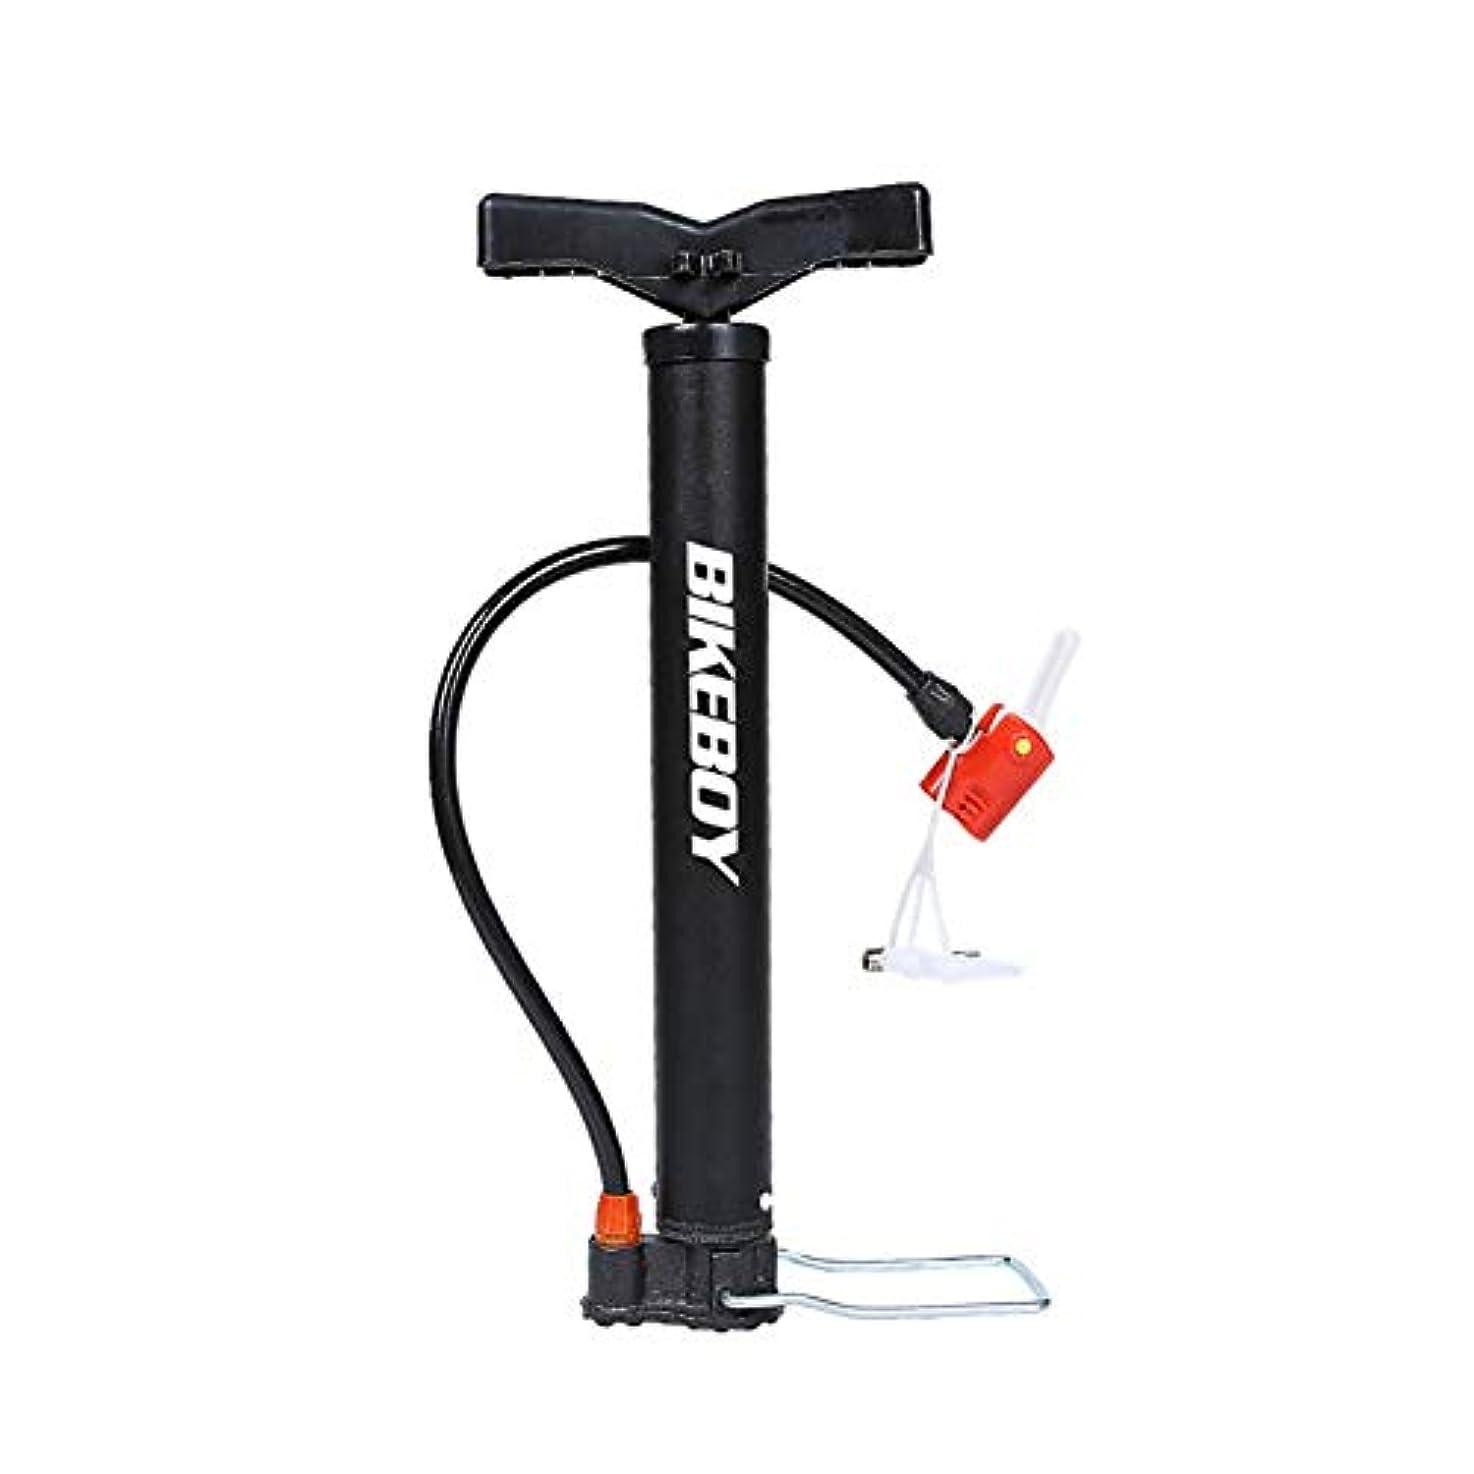 線残り物舌なオートバイ、電気自動車、マウンテンバイクのための携帯用高圧自転車ポンプ、丈夫な耐久財、高圧信頼できる縦の空気ポンプ、